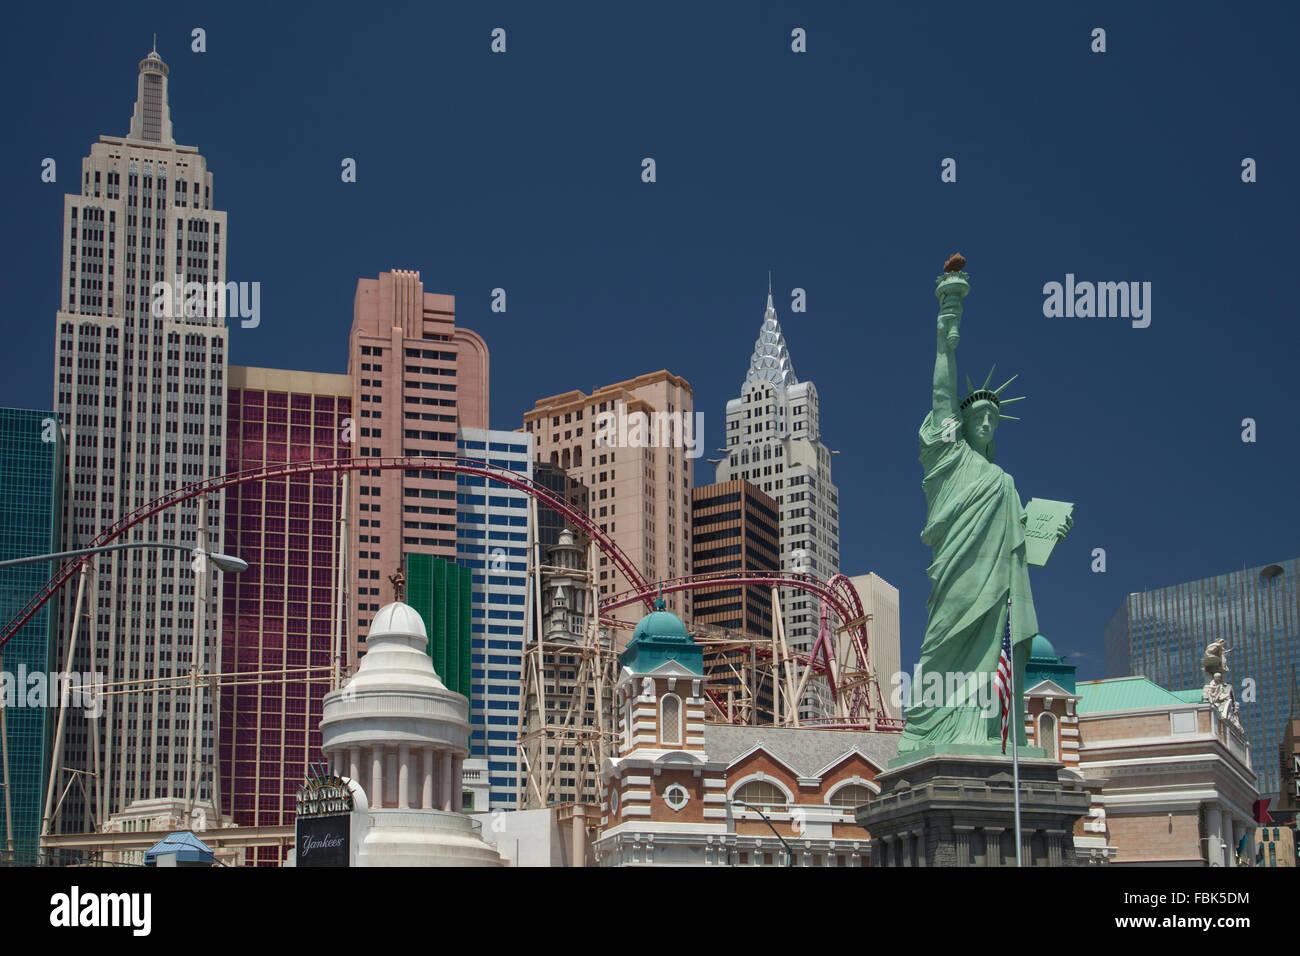 New York New York Casino - Las Vegas - Stock Image